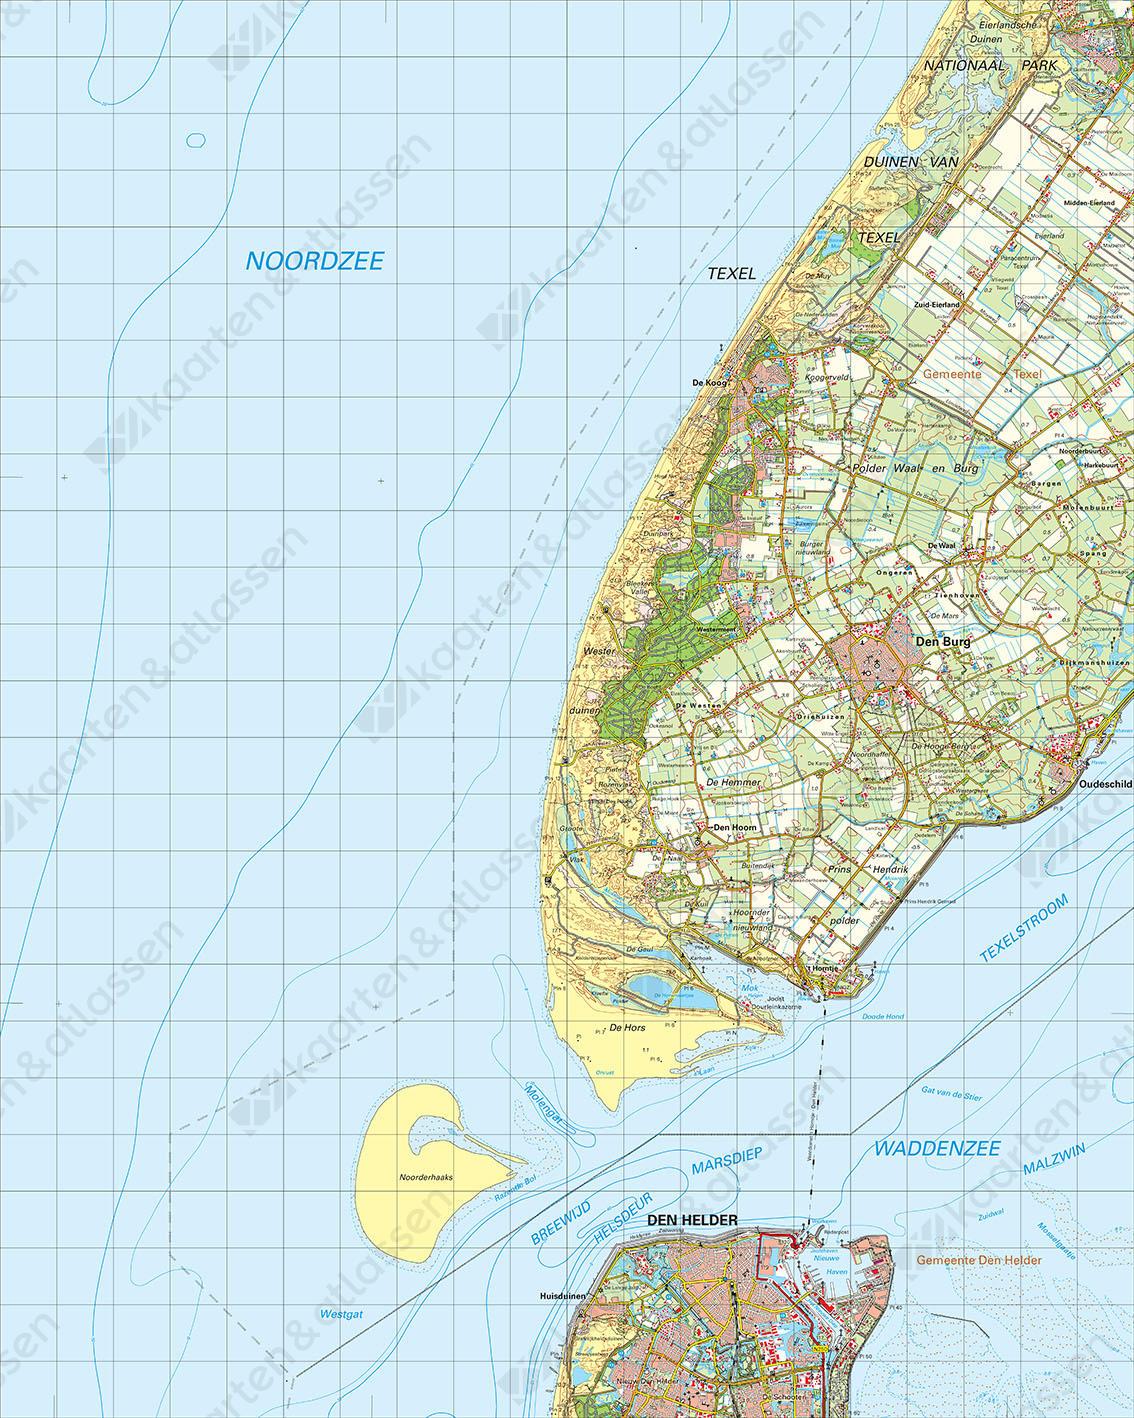 Digitale Topografische Kaart 9 West Den Helder